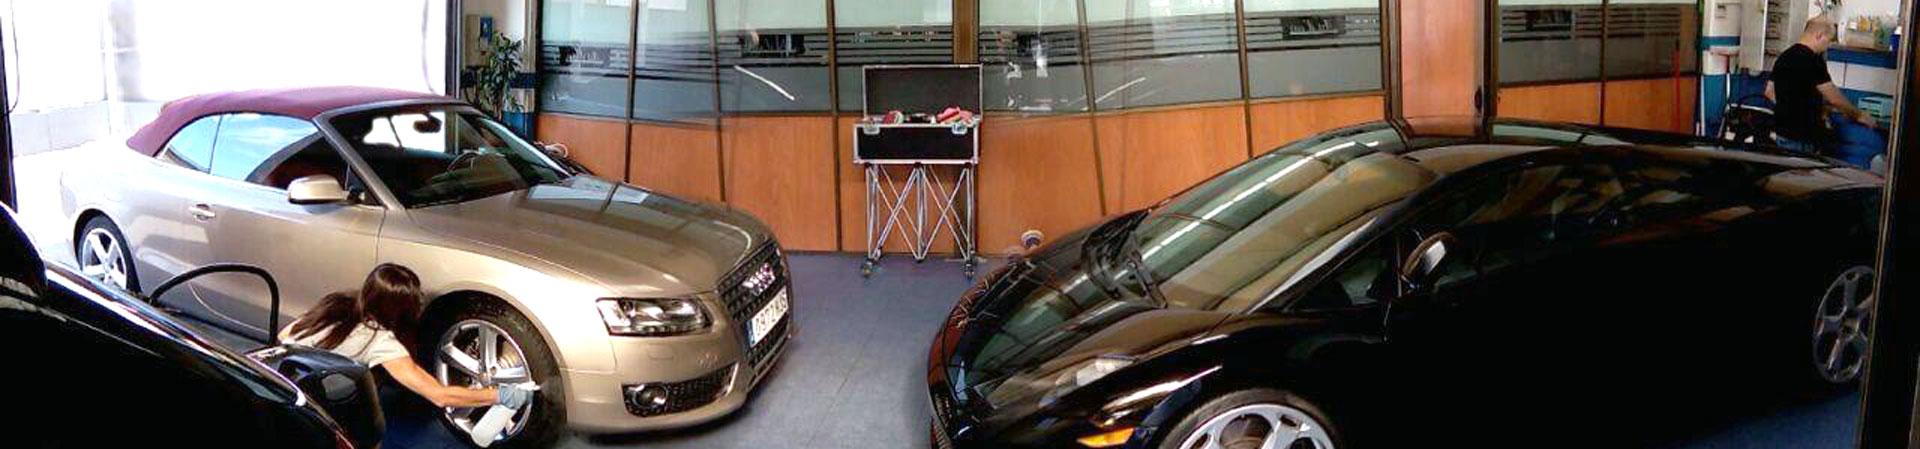 Lavaderos de coches en Madrid